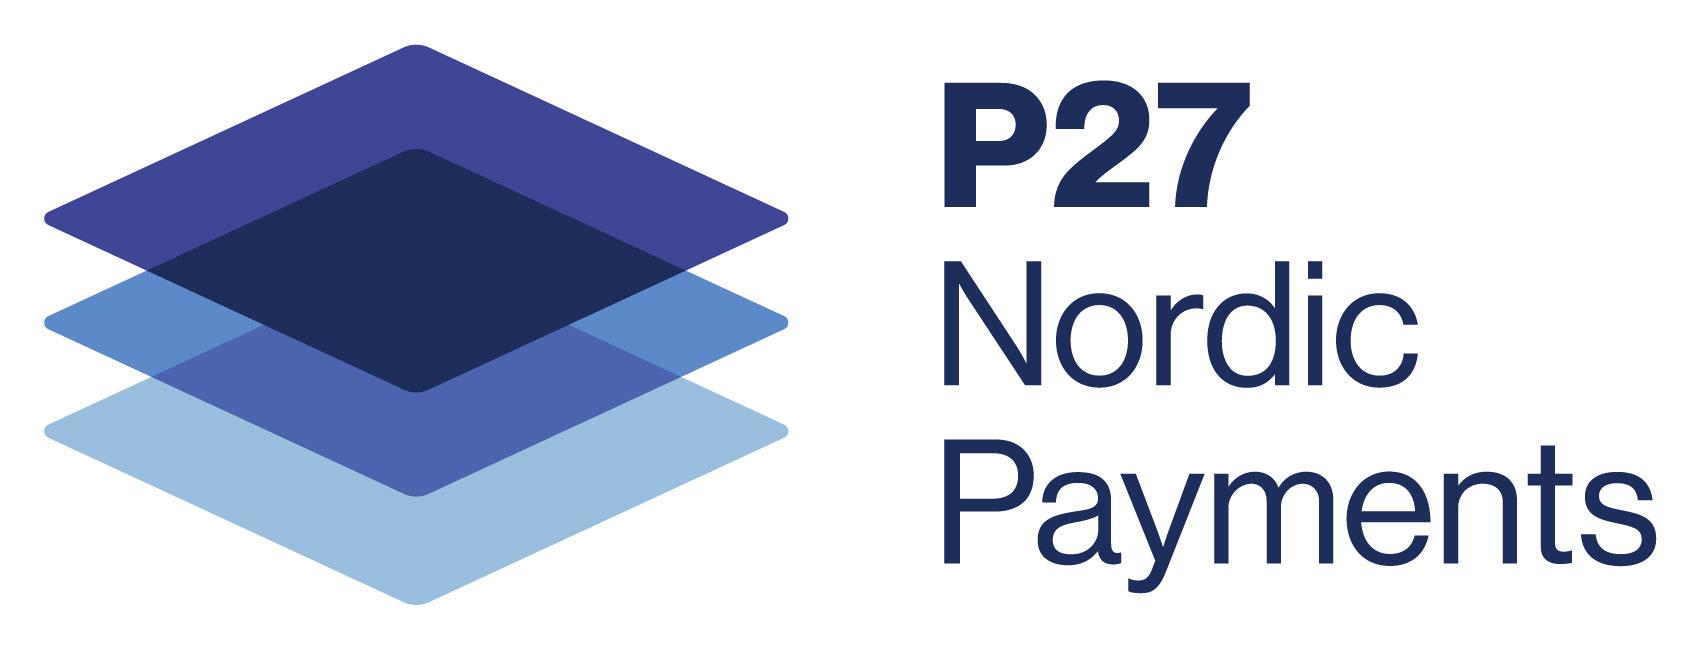 P27 Nordic Payments Platform